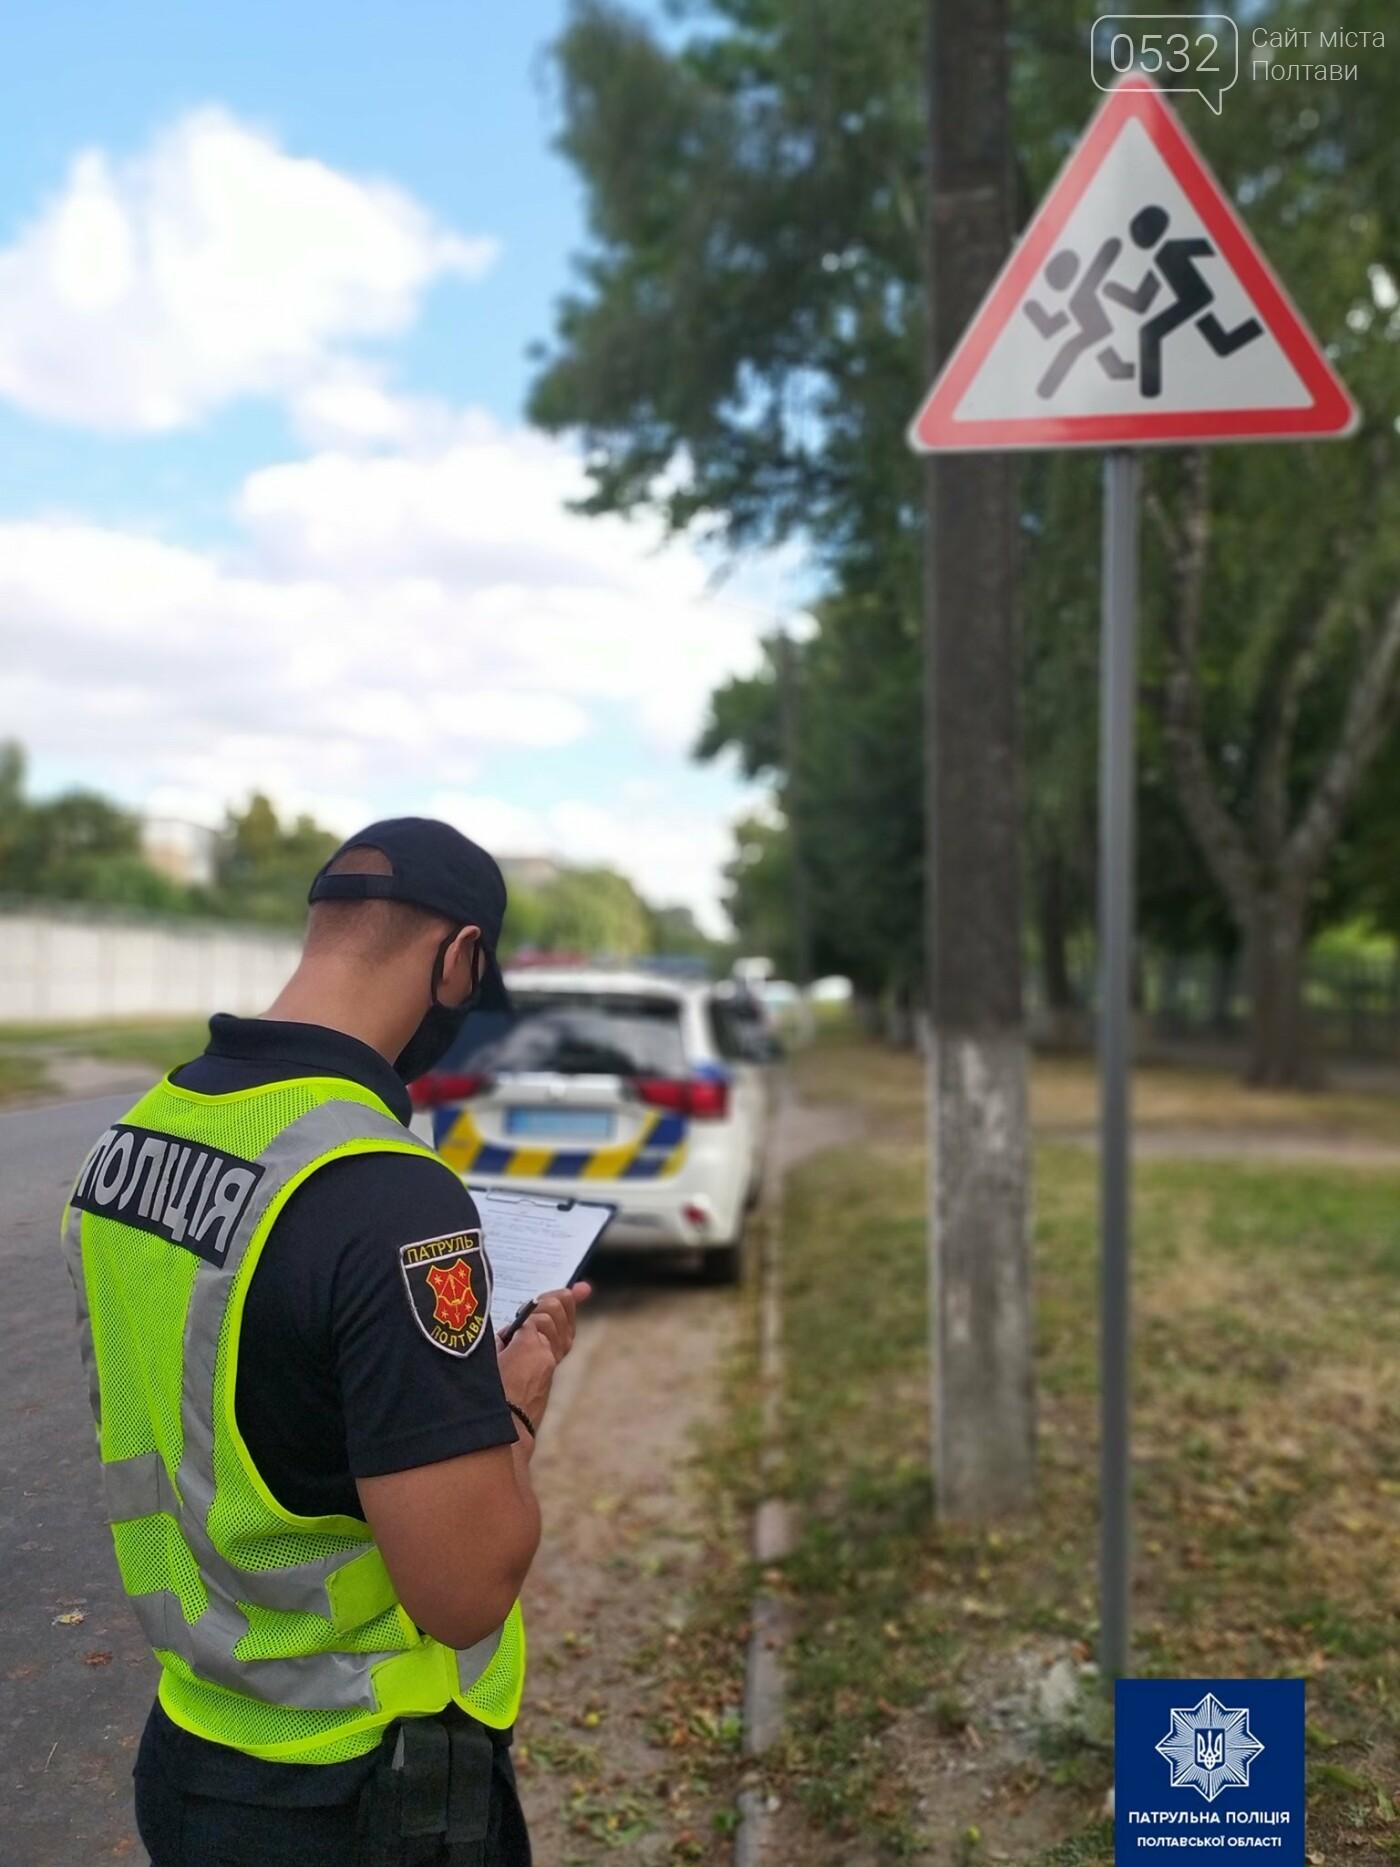 Патрульна поліція Полтавської області